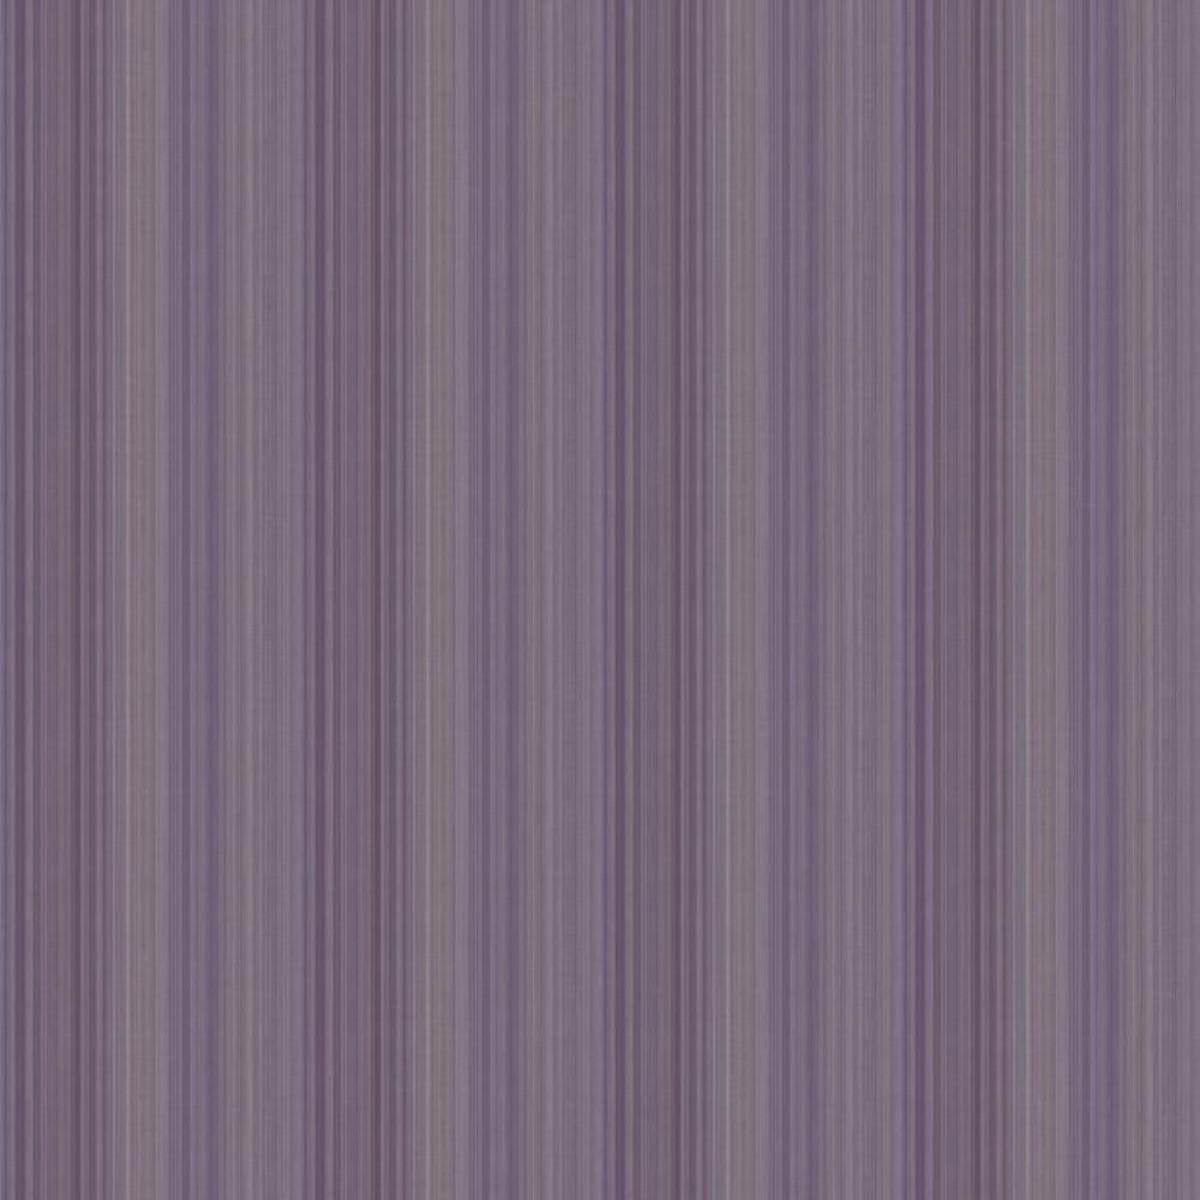 Обои флизелиновые Aura Vintage Damasks фиолетовые 0.53 м G34154